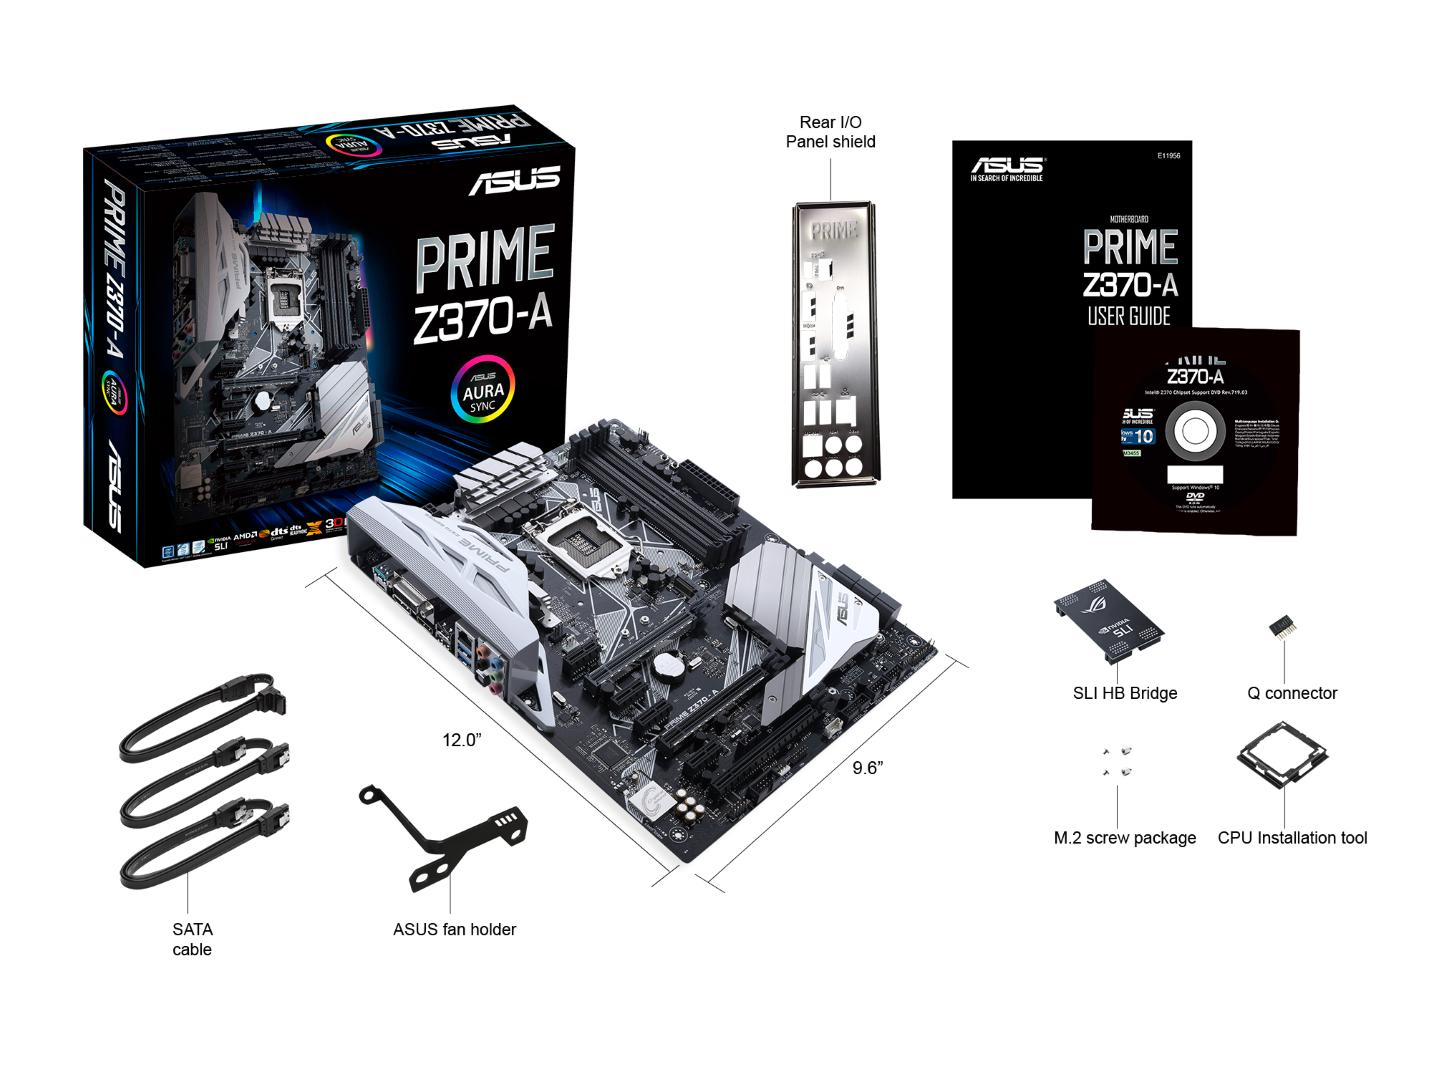 Asus Prime Z370-A ATX LGA1151 Motherboard